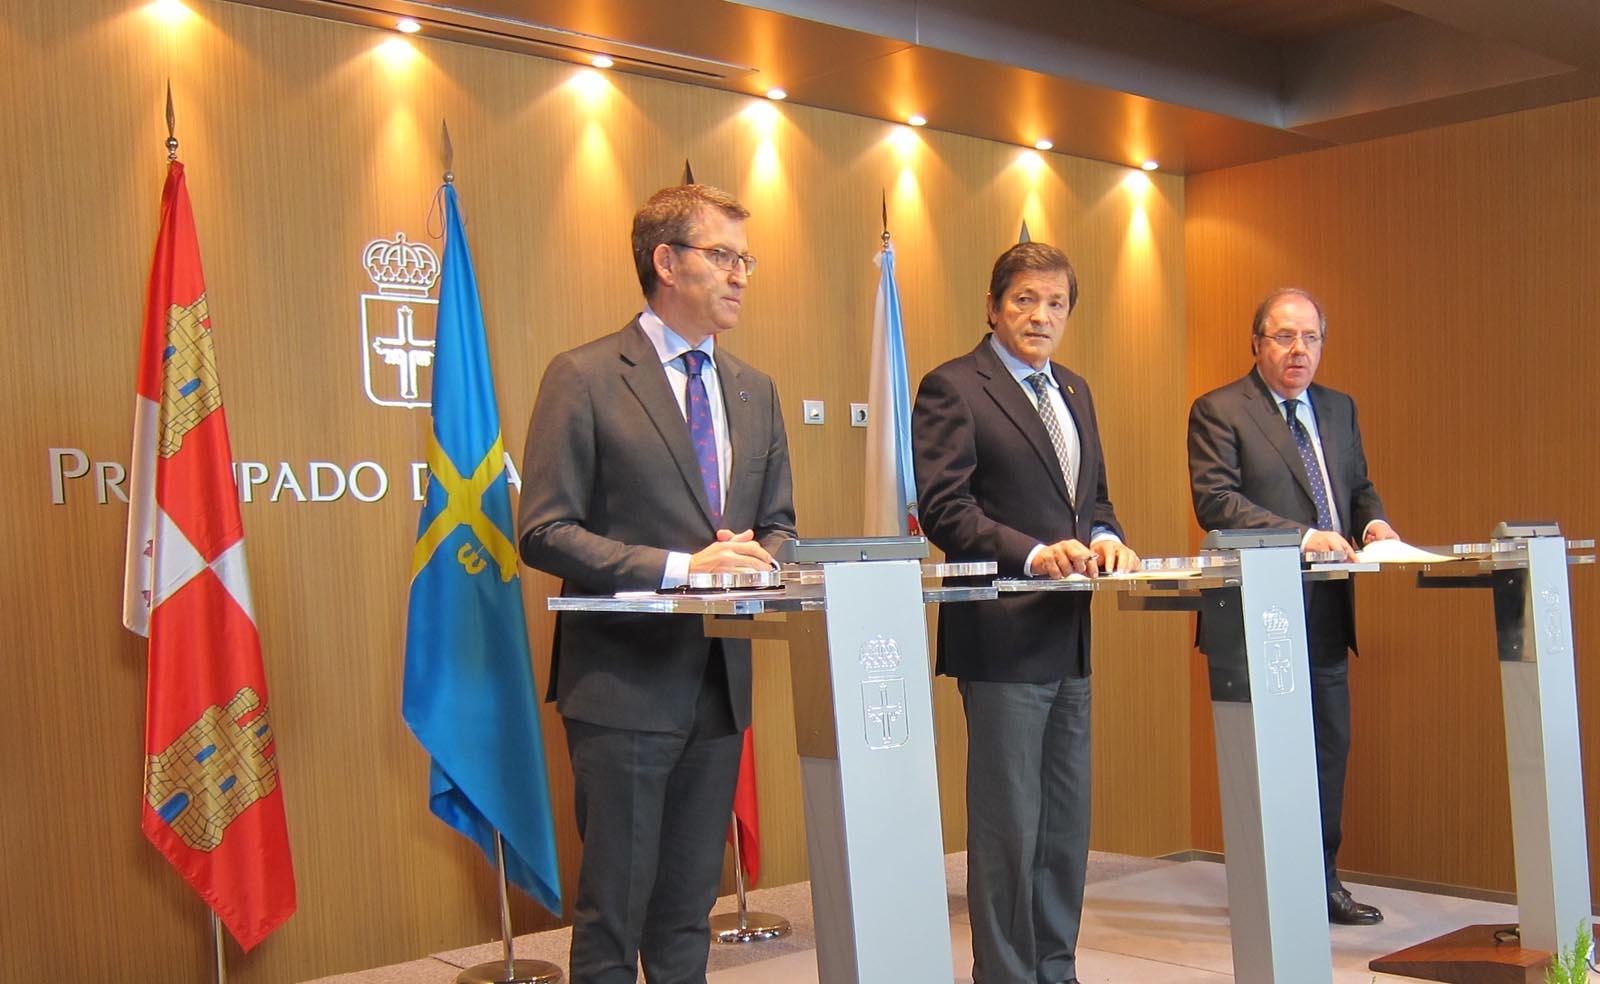 2medallas de galicia a repartise entre presidentes autonomicos delPP